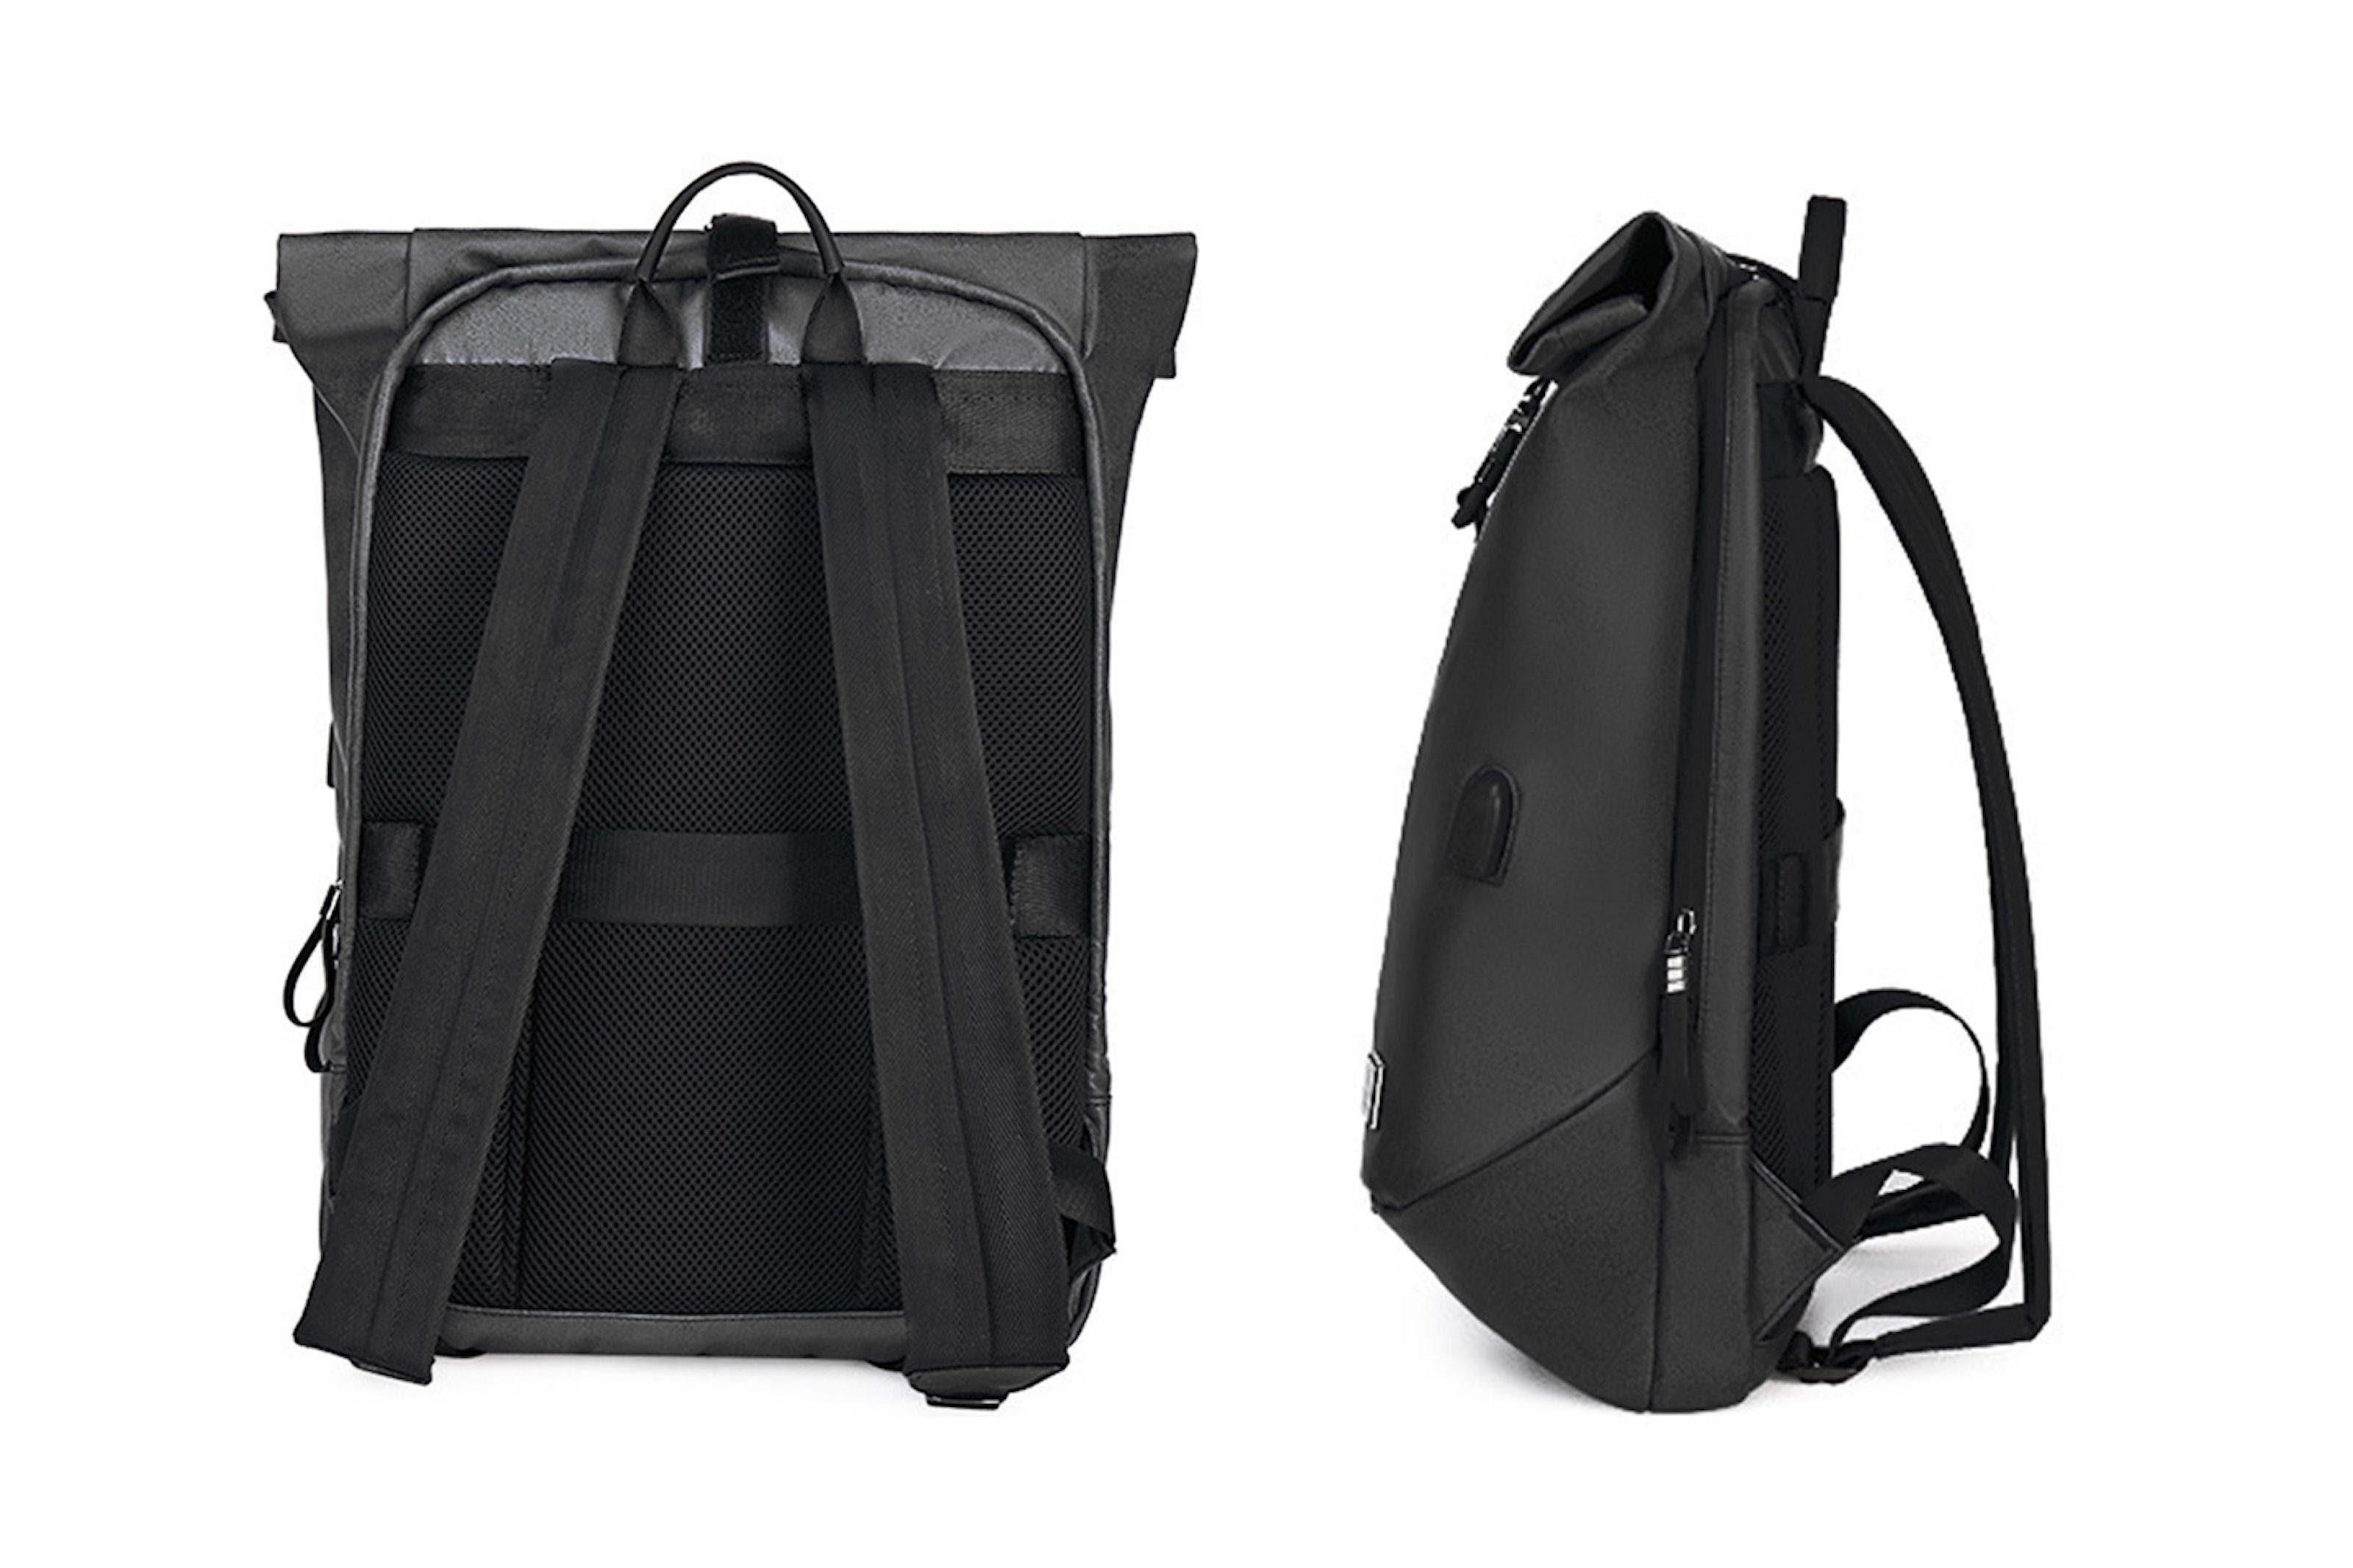 Vattentät ryggsäck med USB-port